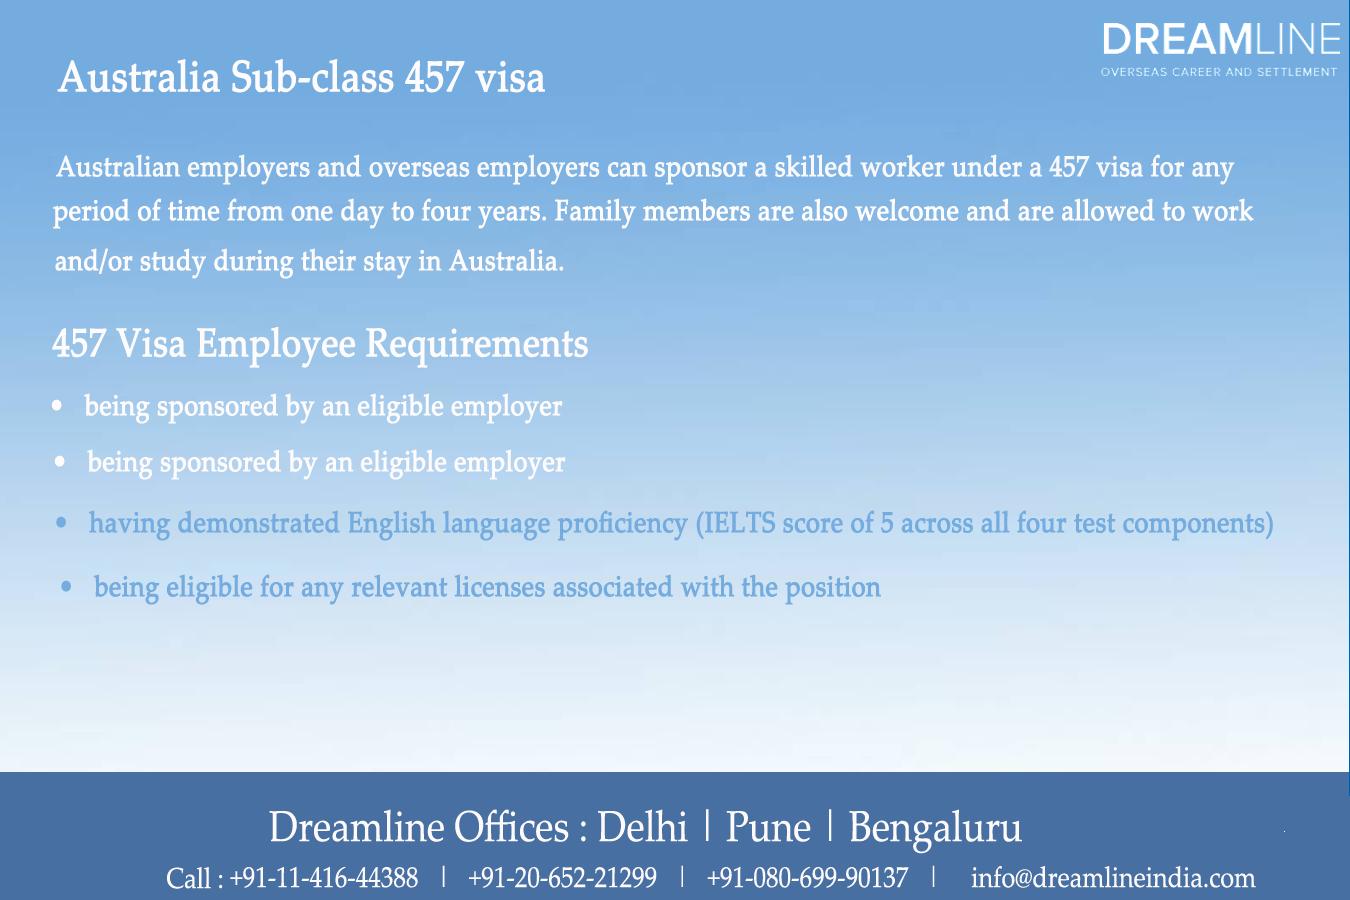 Australia Sub class 457 visa dreamlineindia